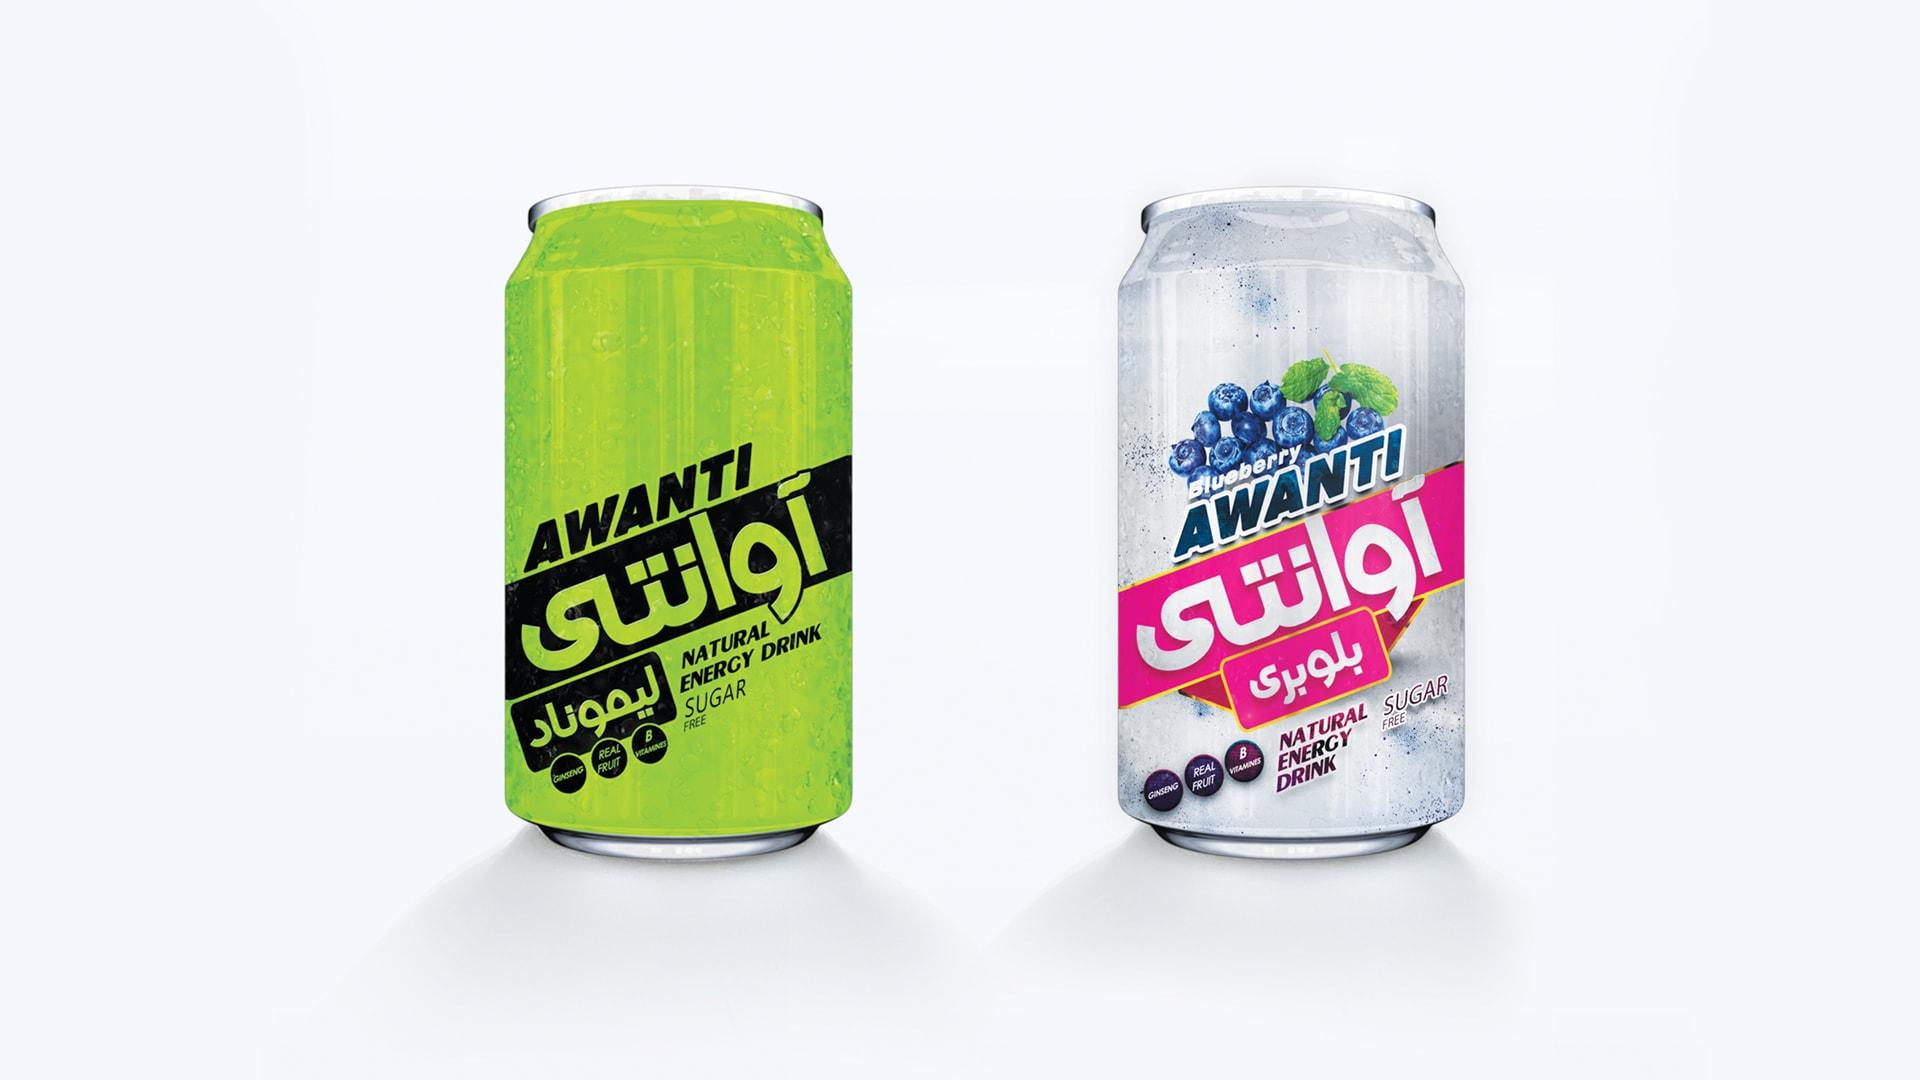 طراحی بسته بندی نوشیدنی آوانتی - گرافیک بسته بندی کی نگار